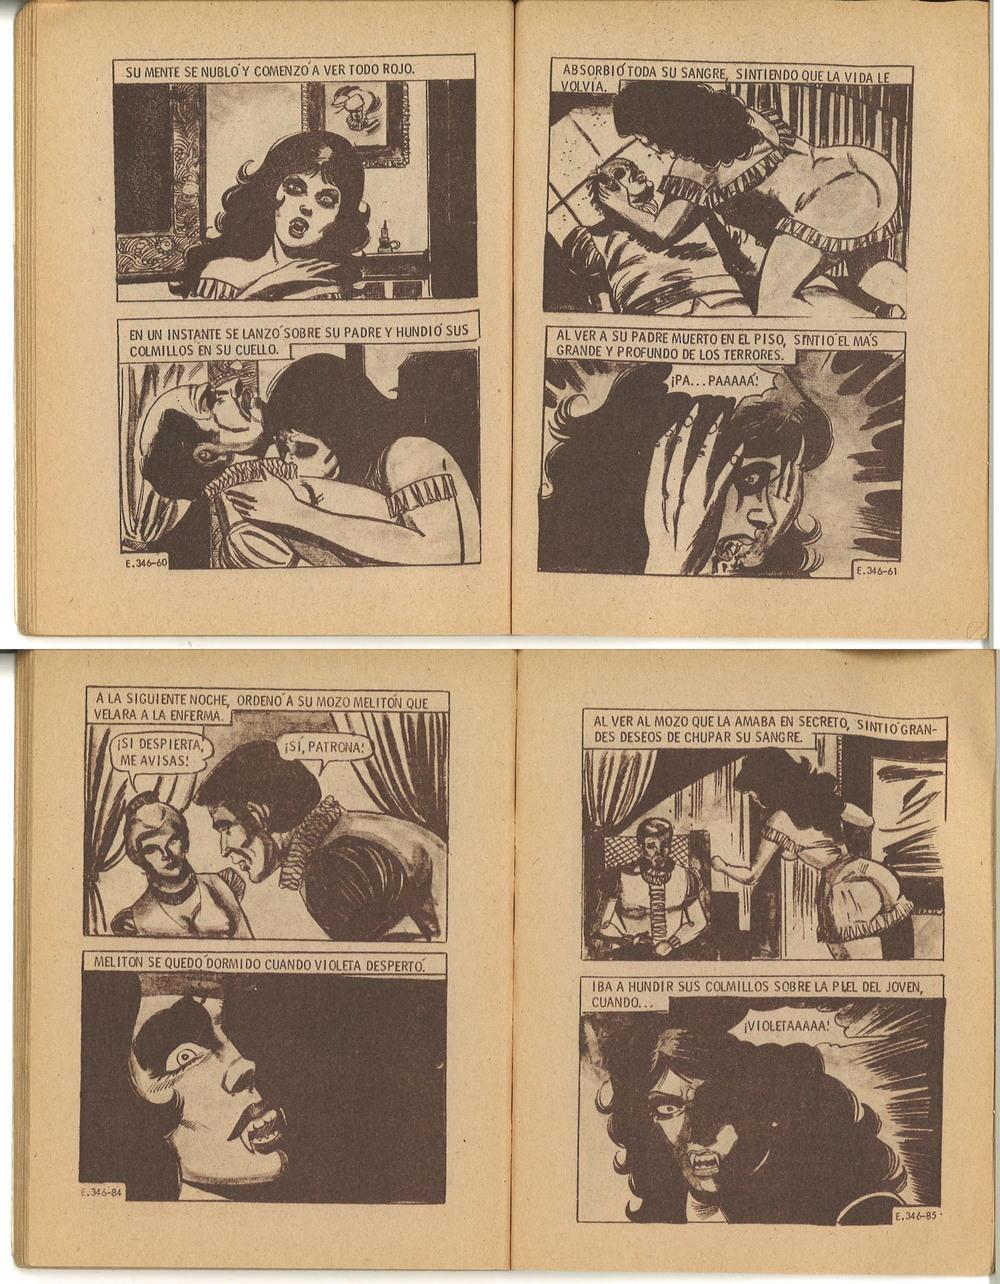 DSC02685 (BH) la vampiresa de guanajuato-11&12.jpg